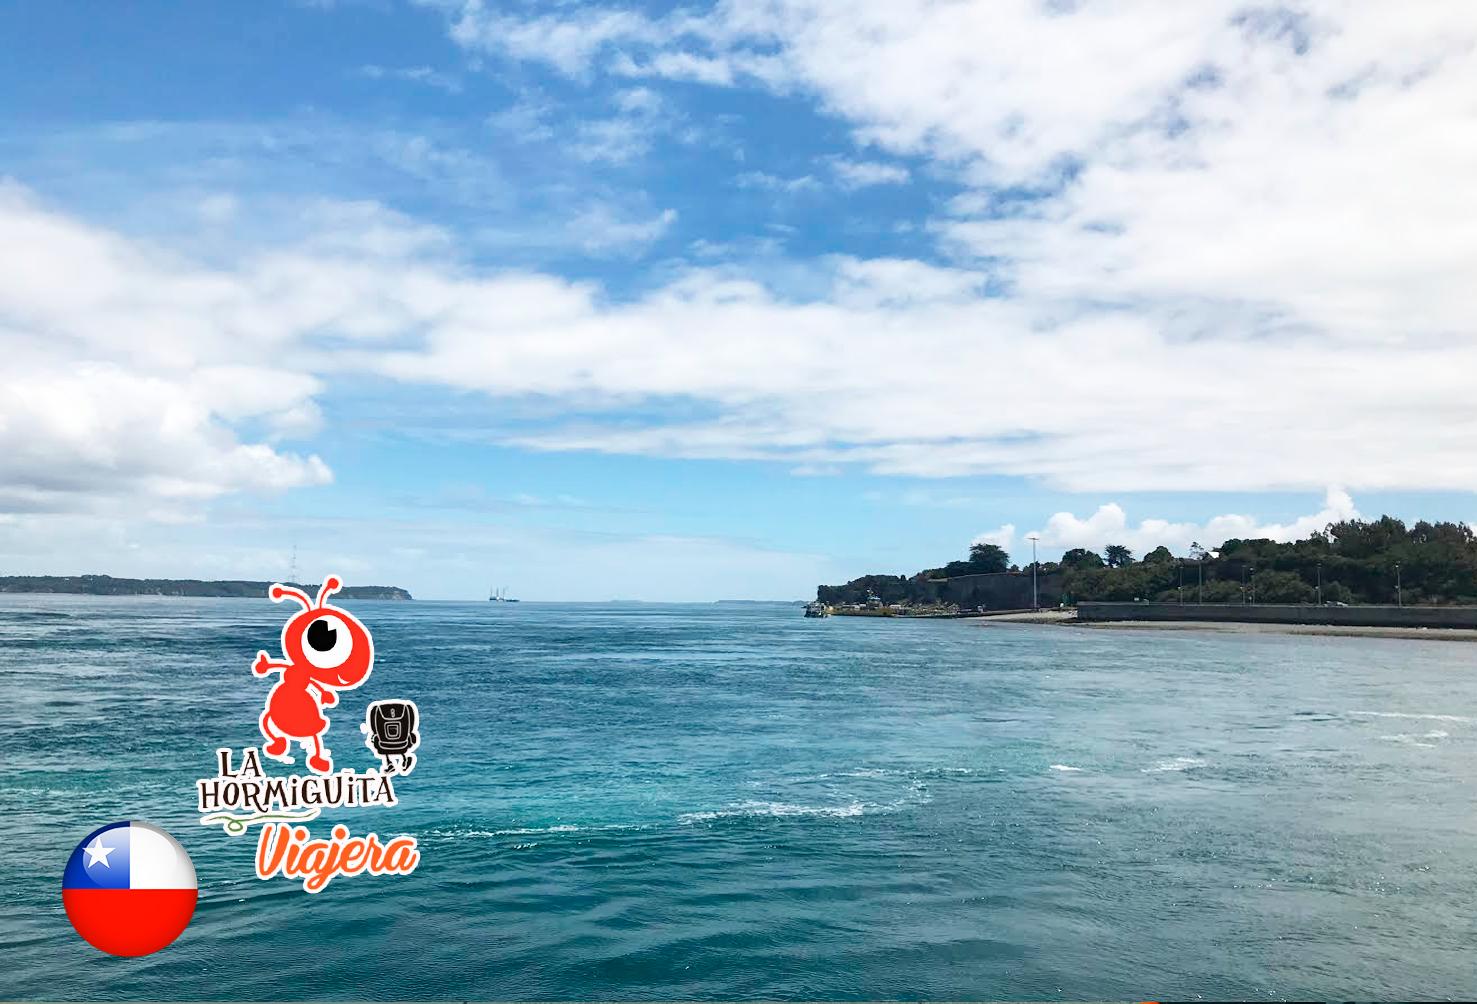 Llegando a Chacao - Transbordador - Isla Chiloé - Enero 2018.